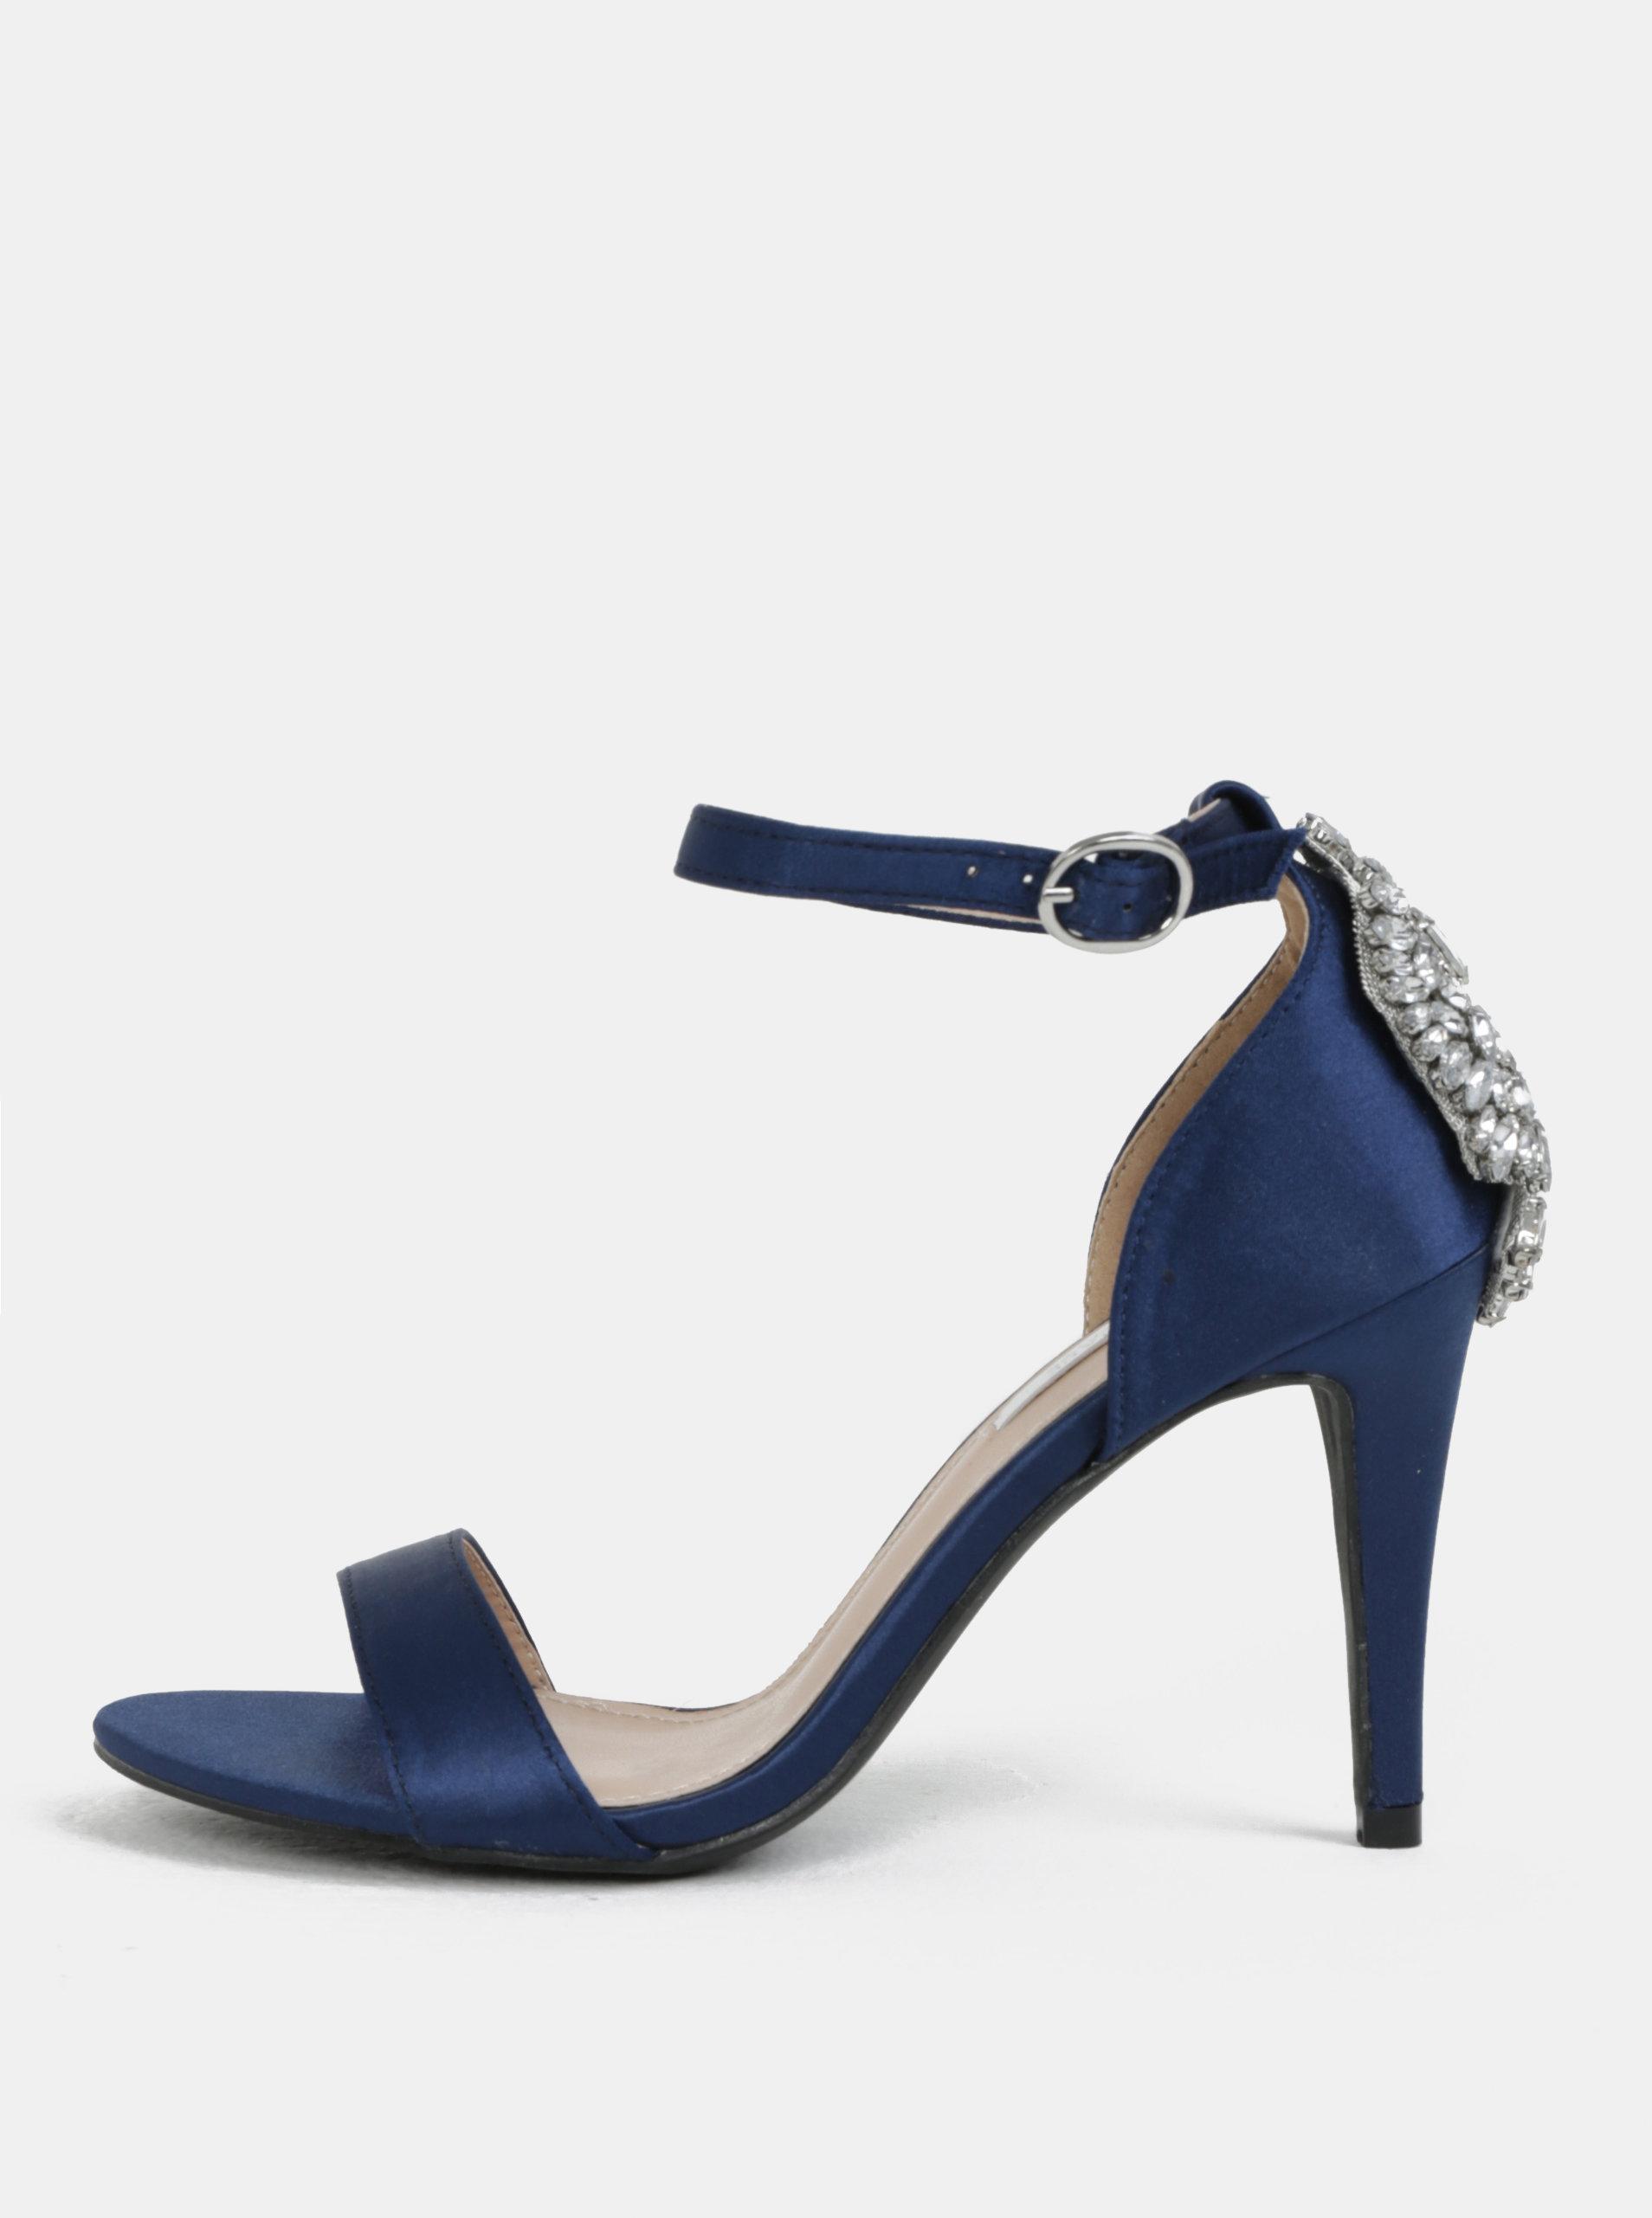 Modré sandálky s ozdobnou aplikací na patě Dorothy Perkins